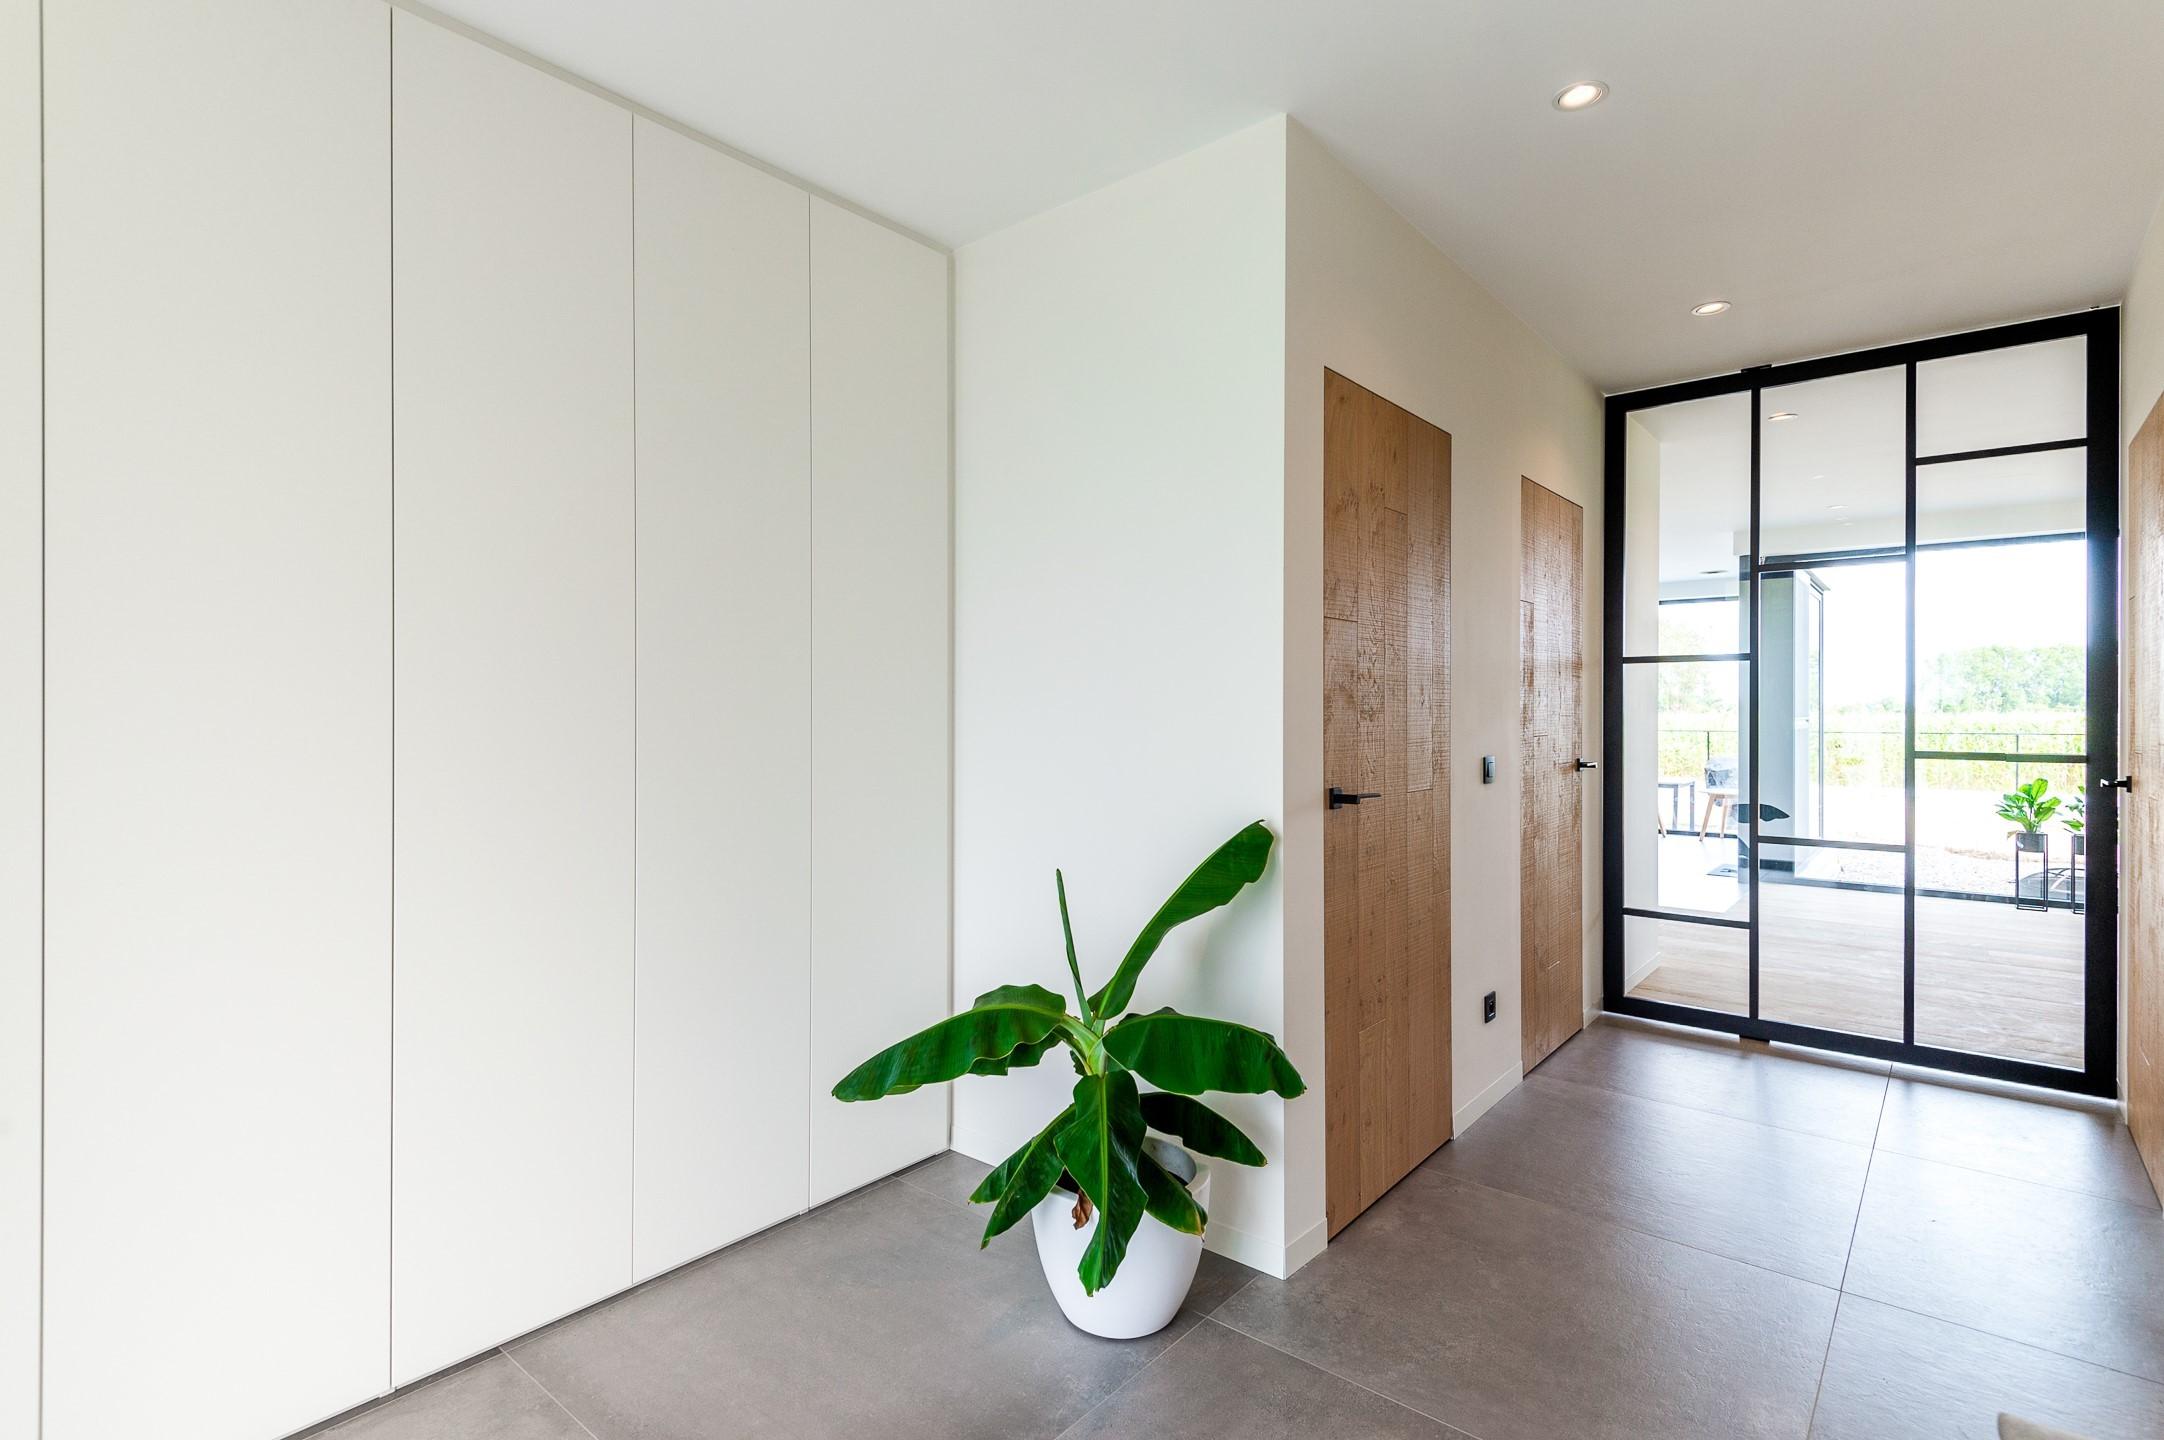 Moderne vestiairekast in hal detail deur gesloten